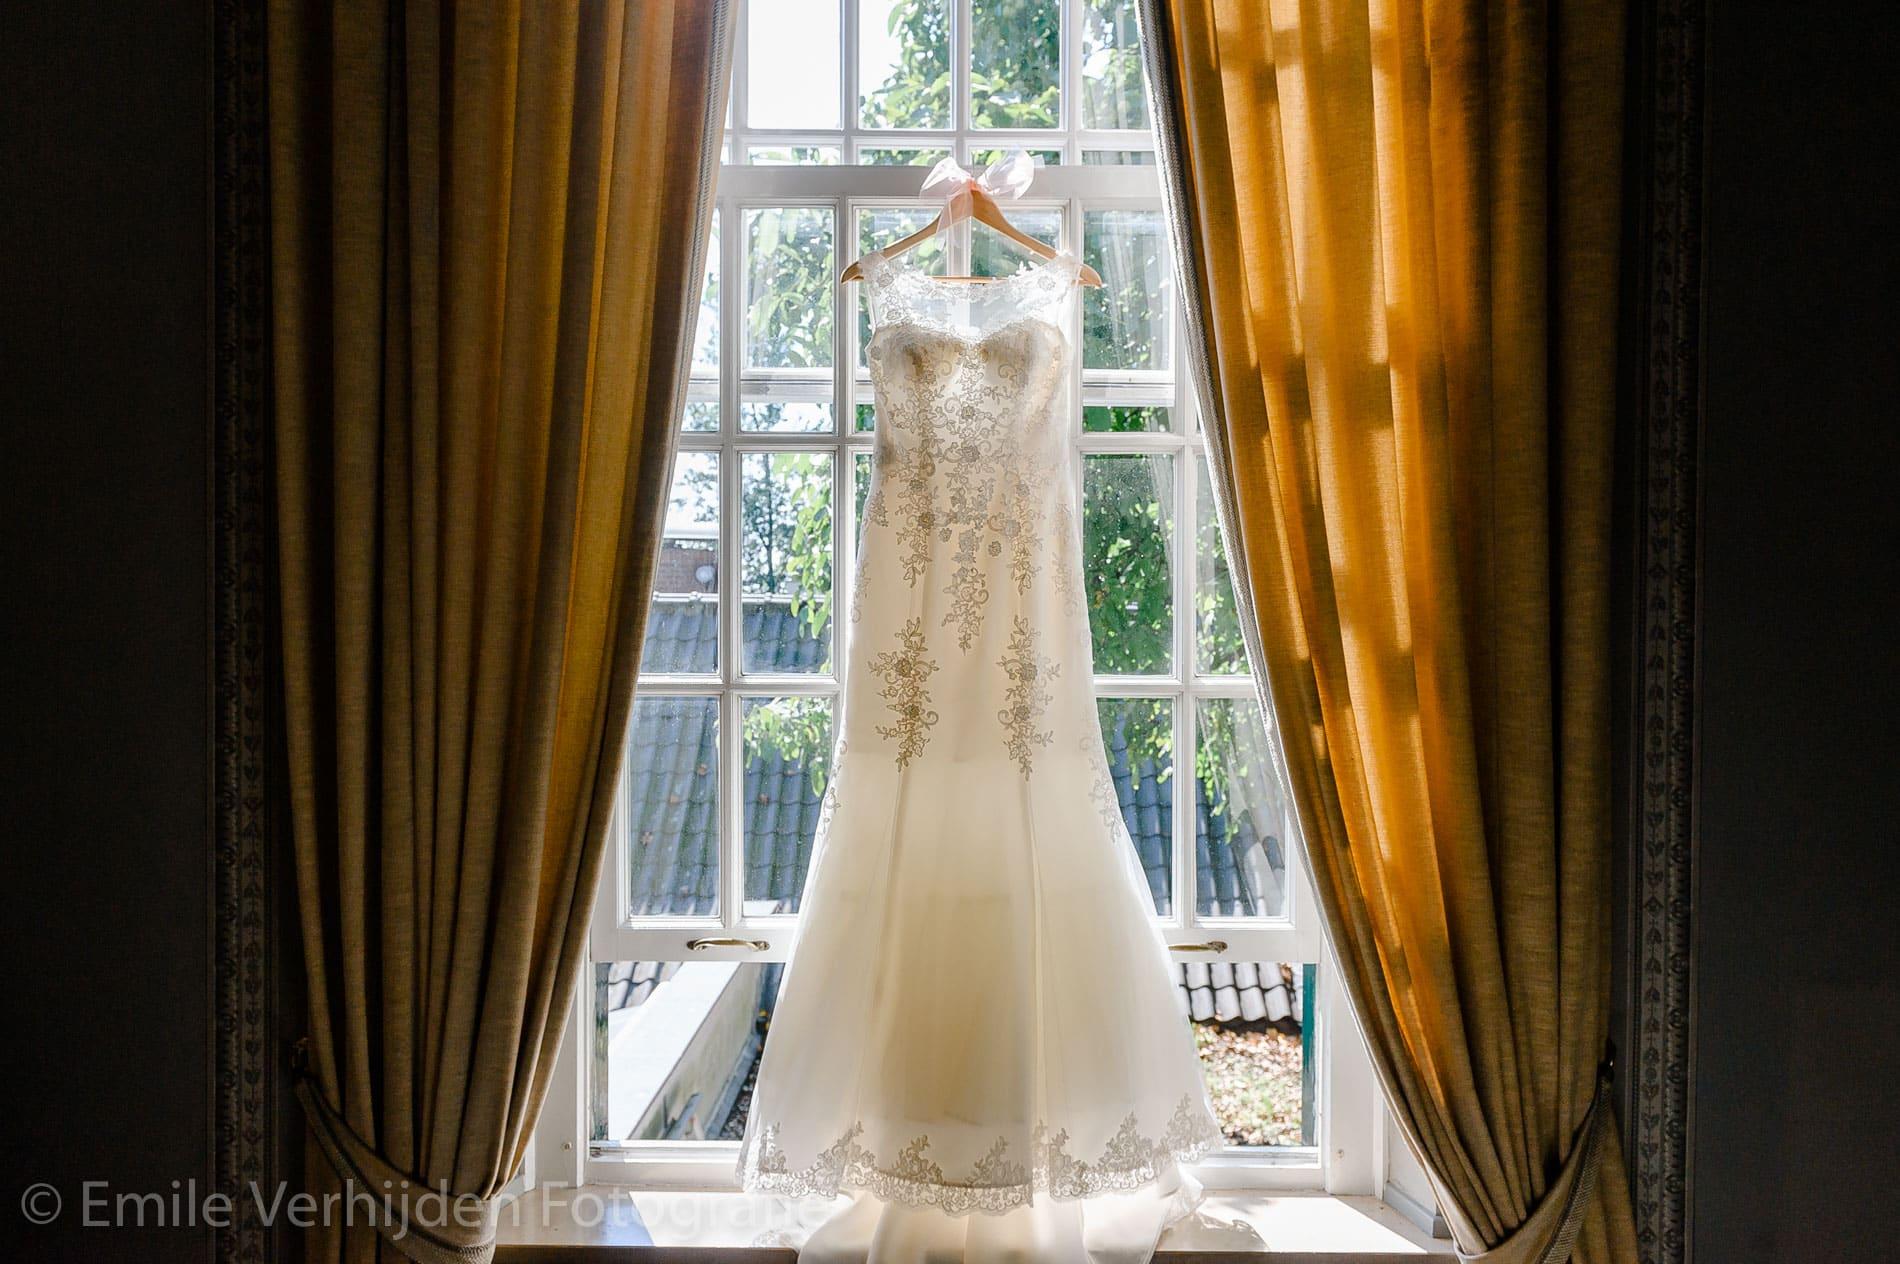 De prachtige jurk van de bruid hangt aan het raam. Trouwfotograaf Limburg Emile Verhijden